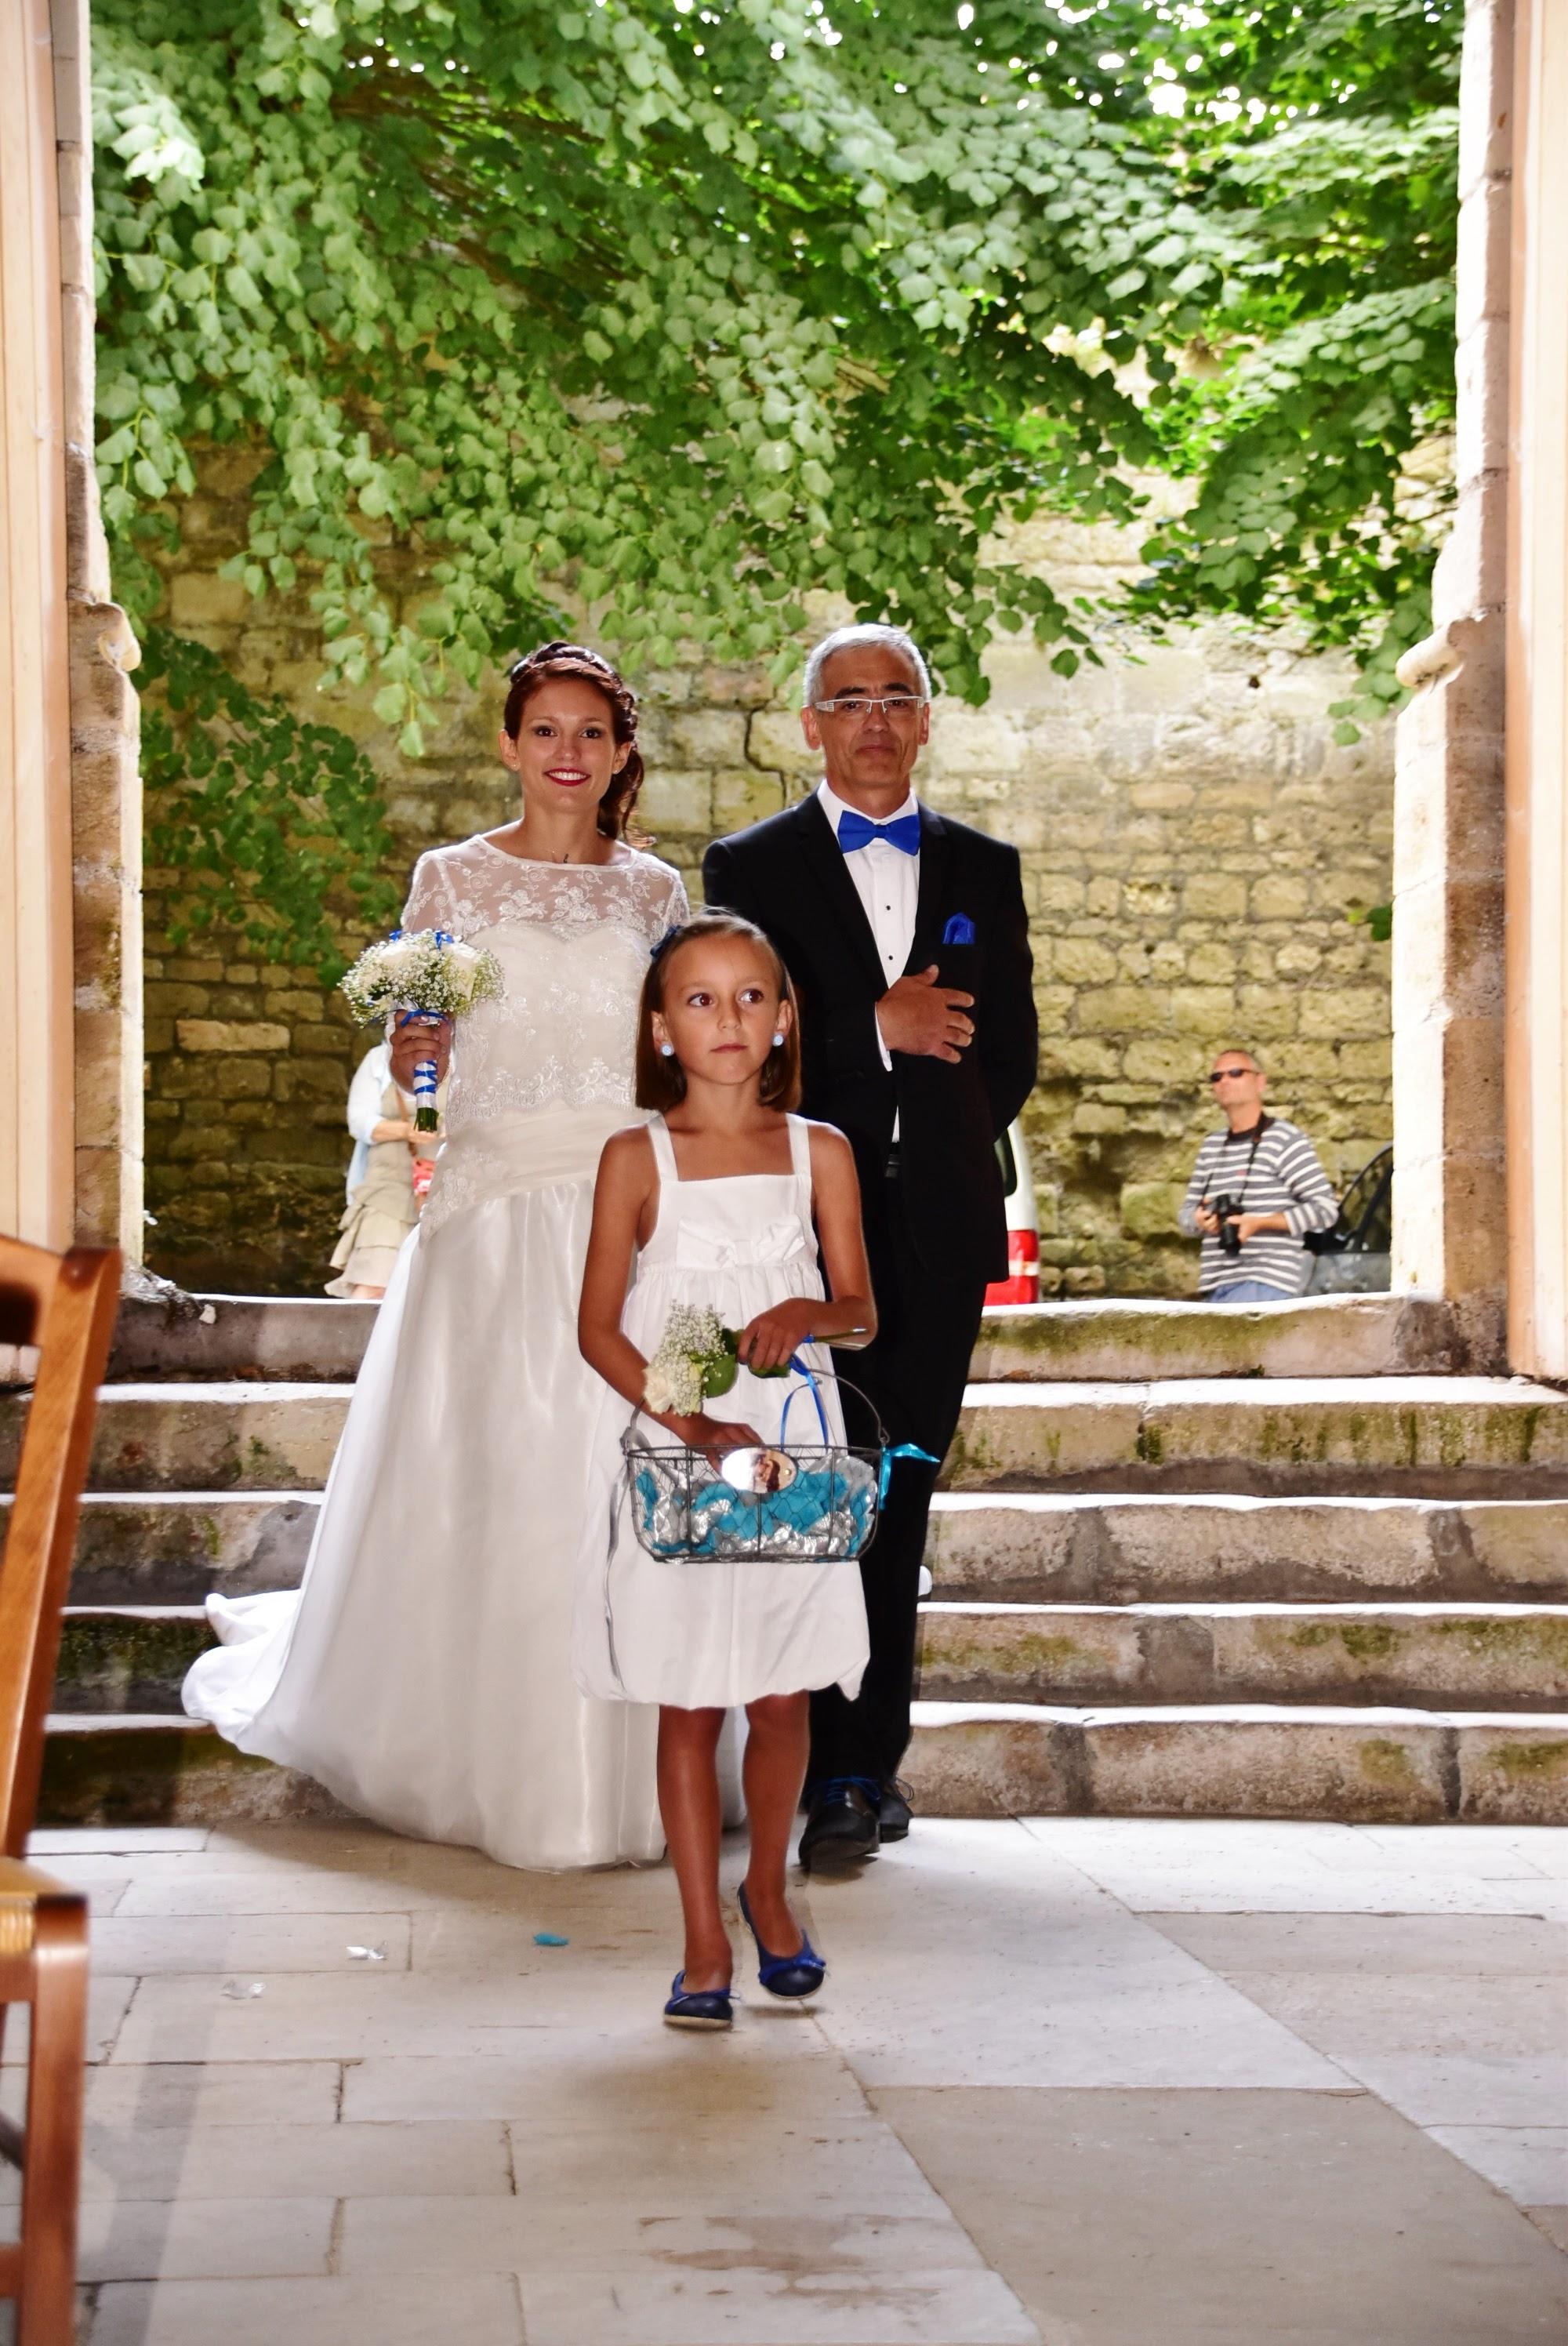 Le mariage de Charlène en bleu avec une touche de jaune et des paillettes (2)